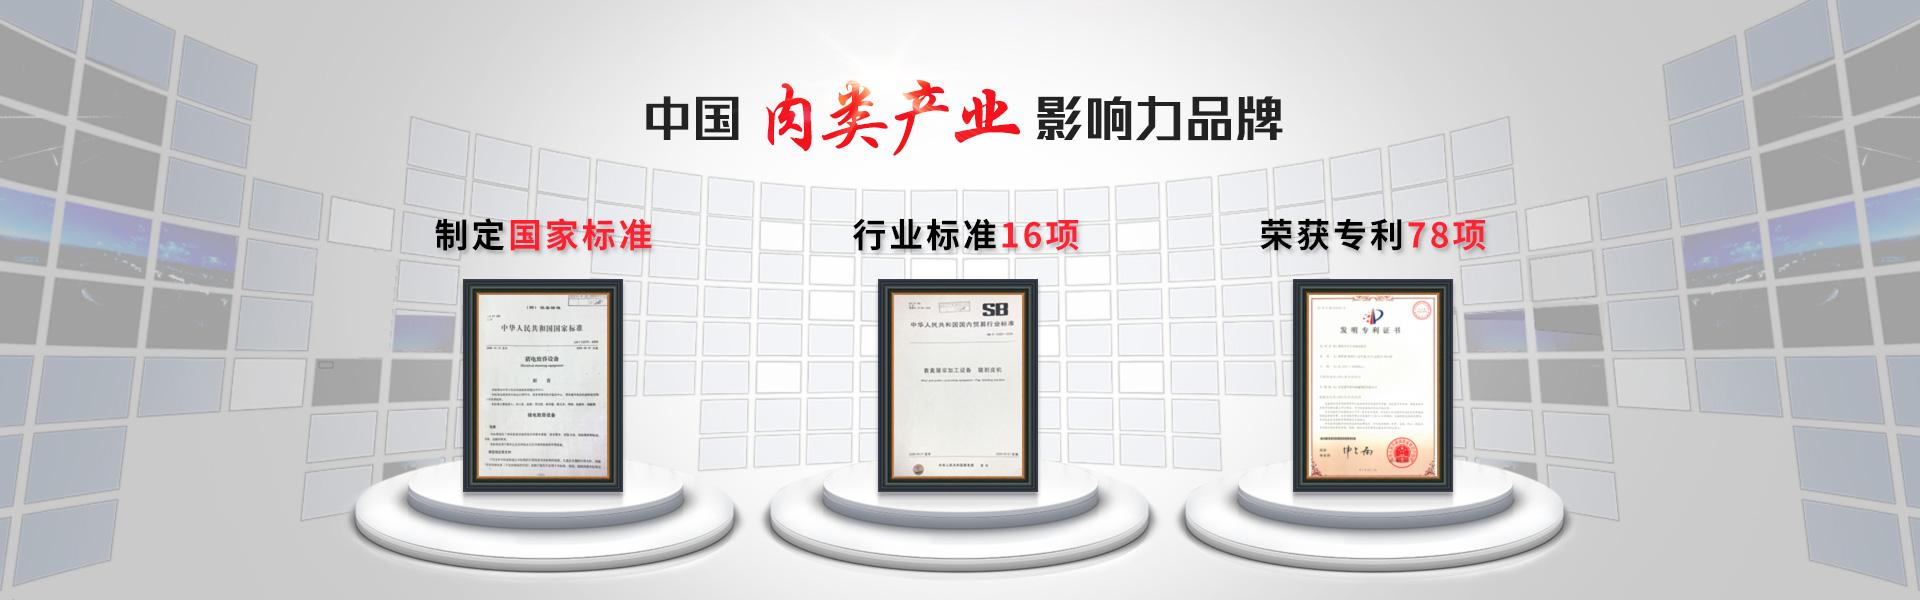 建华机械-中国肉类产业影响力品牌